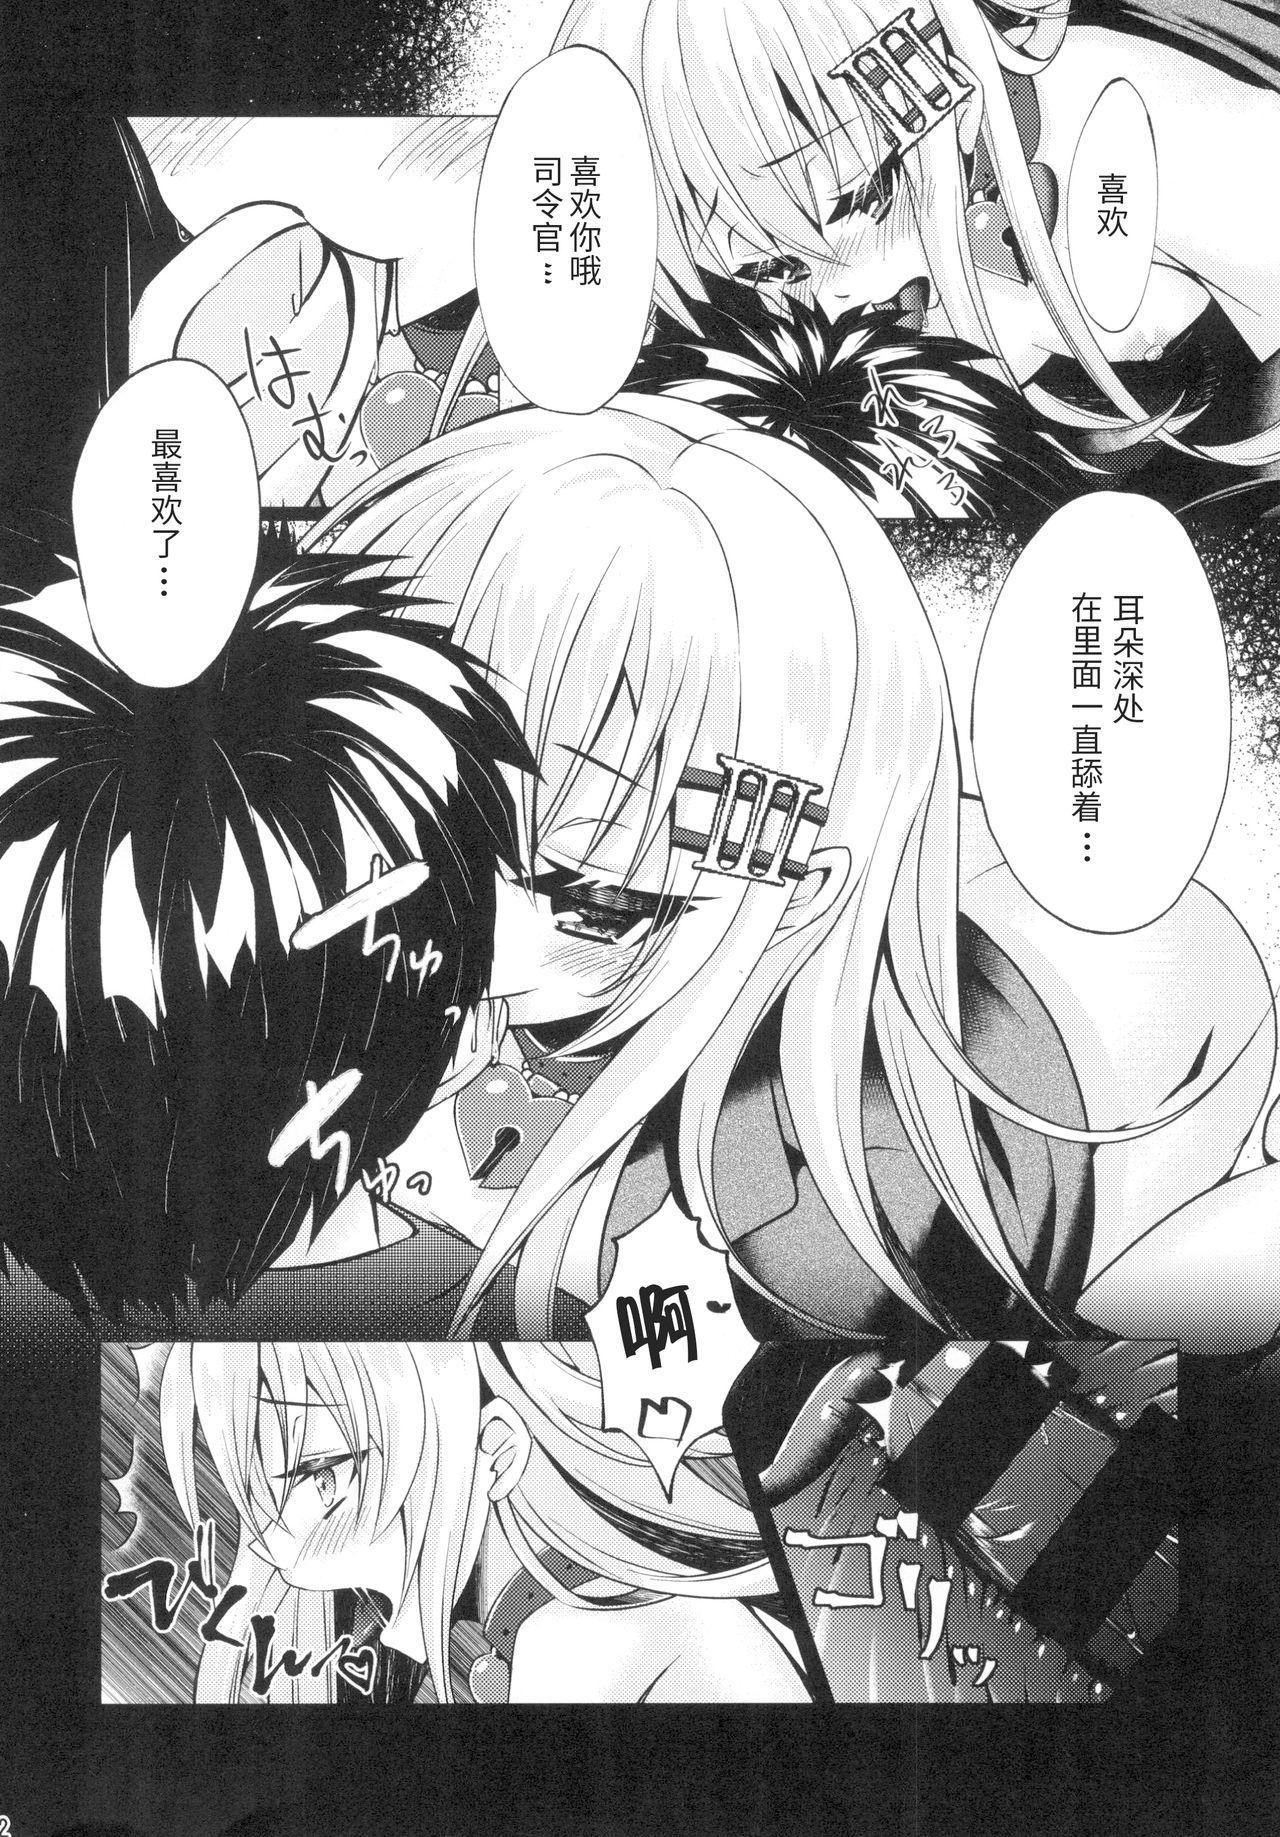 Futon no Naka de Hibiki o Okashita 13